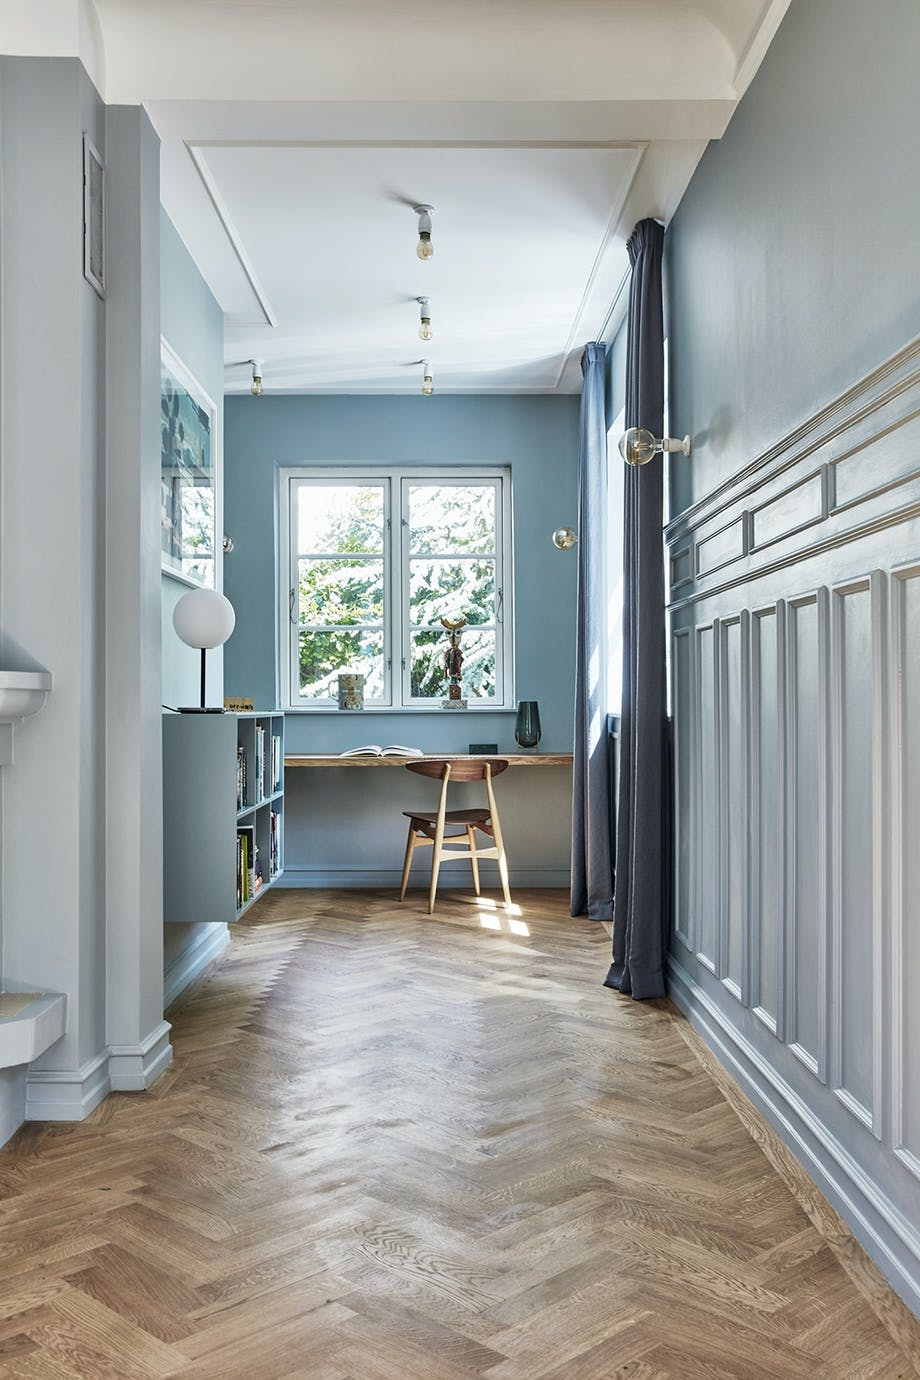 Kontor sildebensgulv dansk designstol paneler